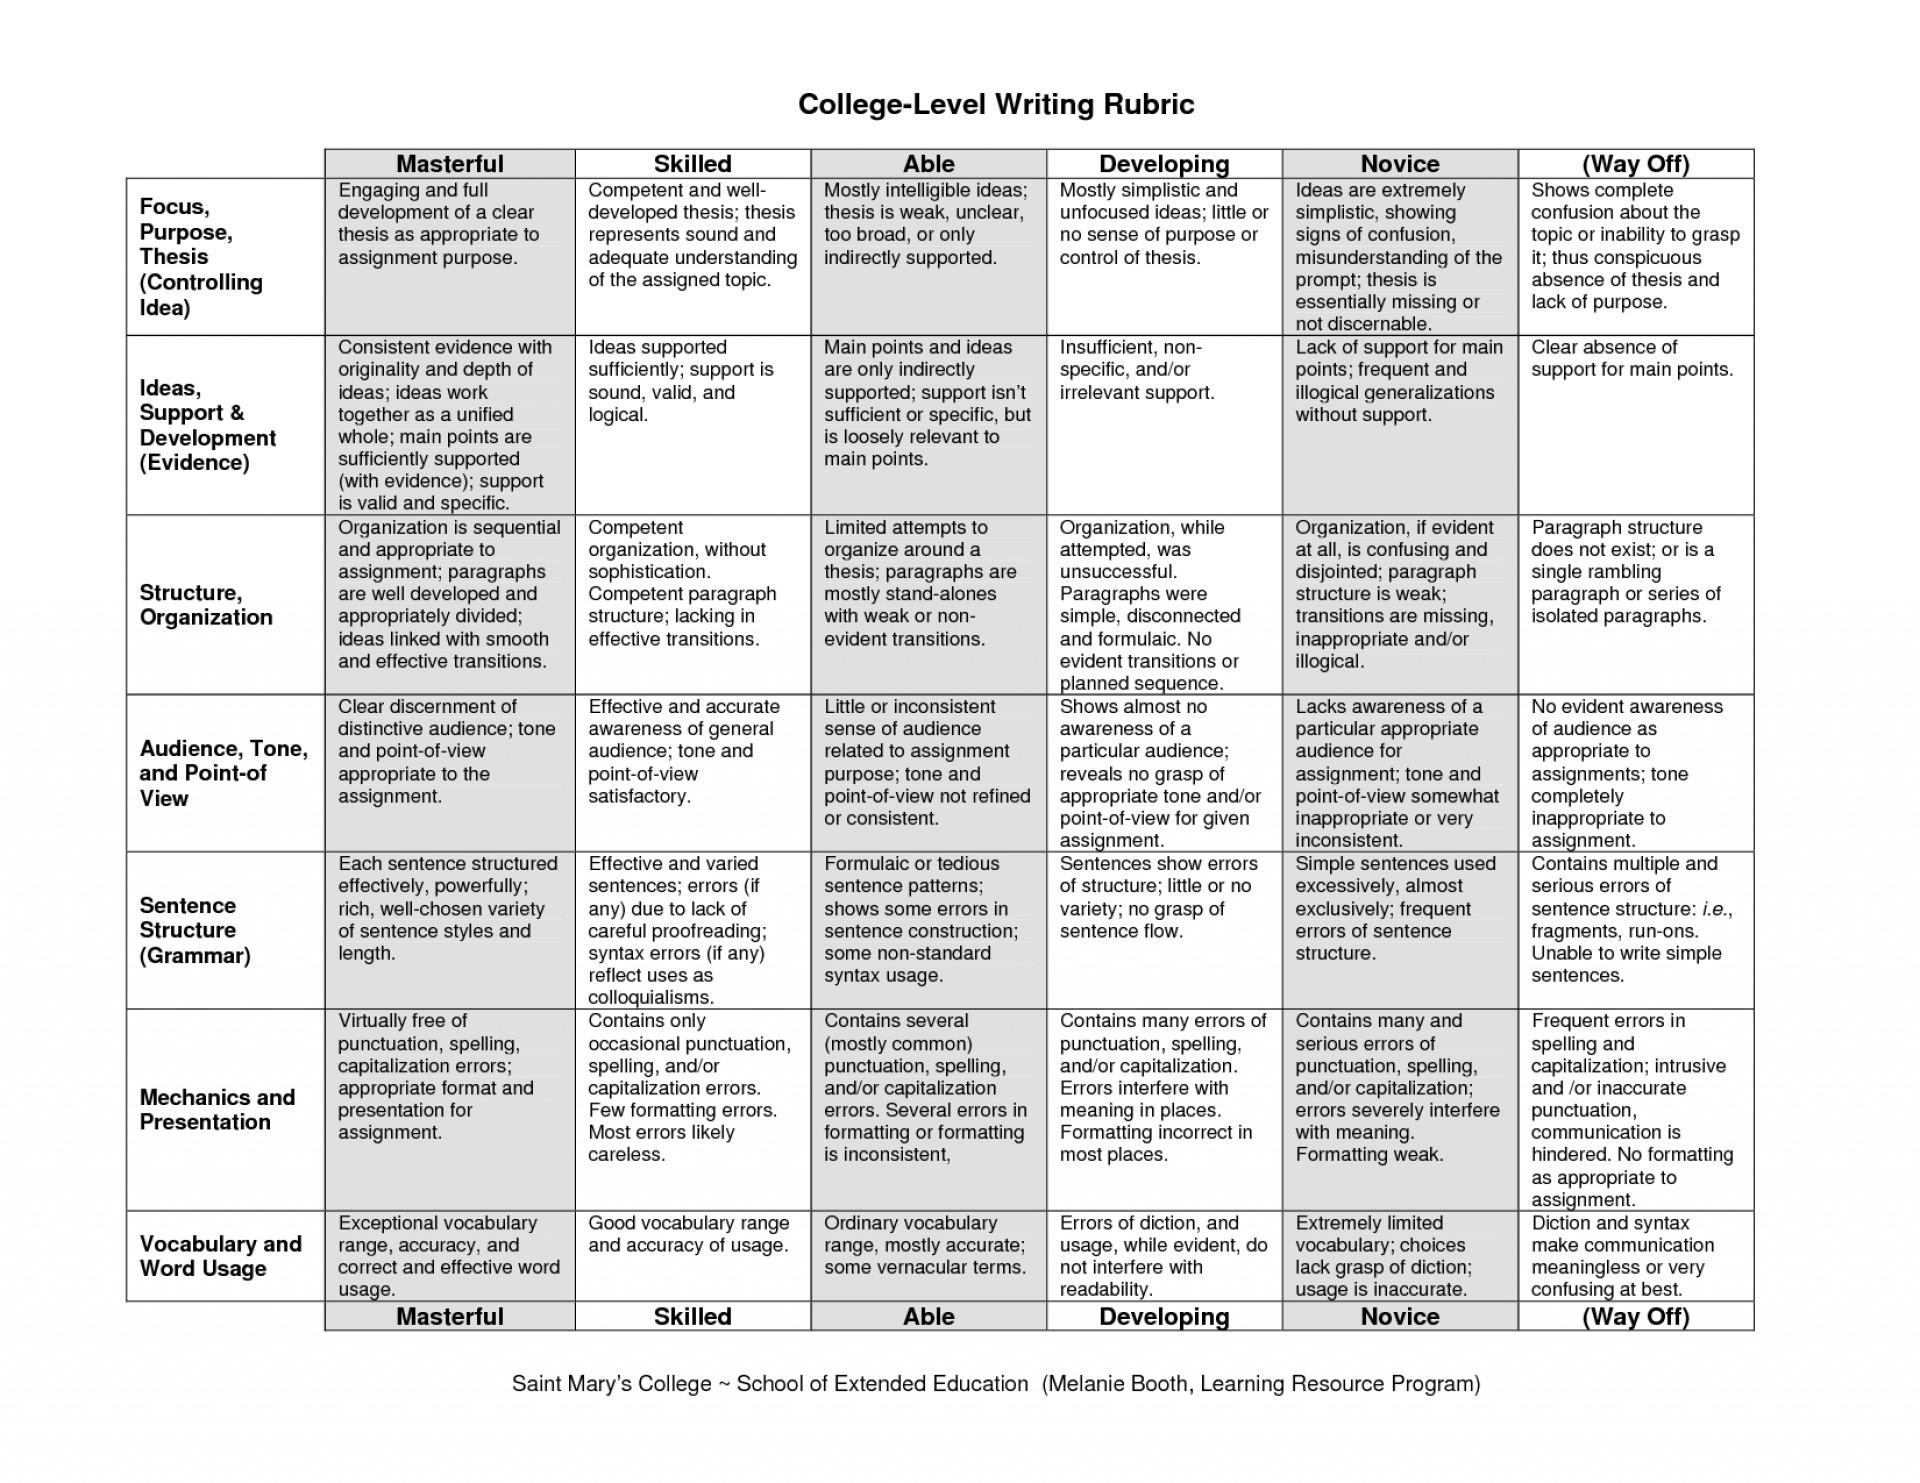 017 College Level Essay Exceptional Persuasive Examples Argumentative Topics 1920